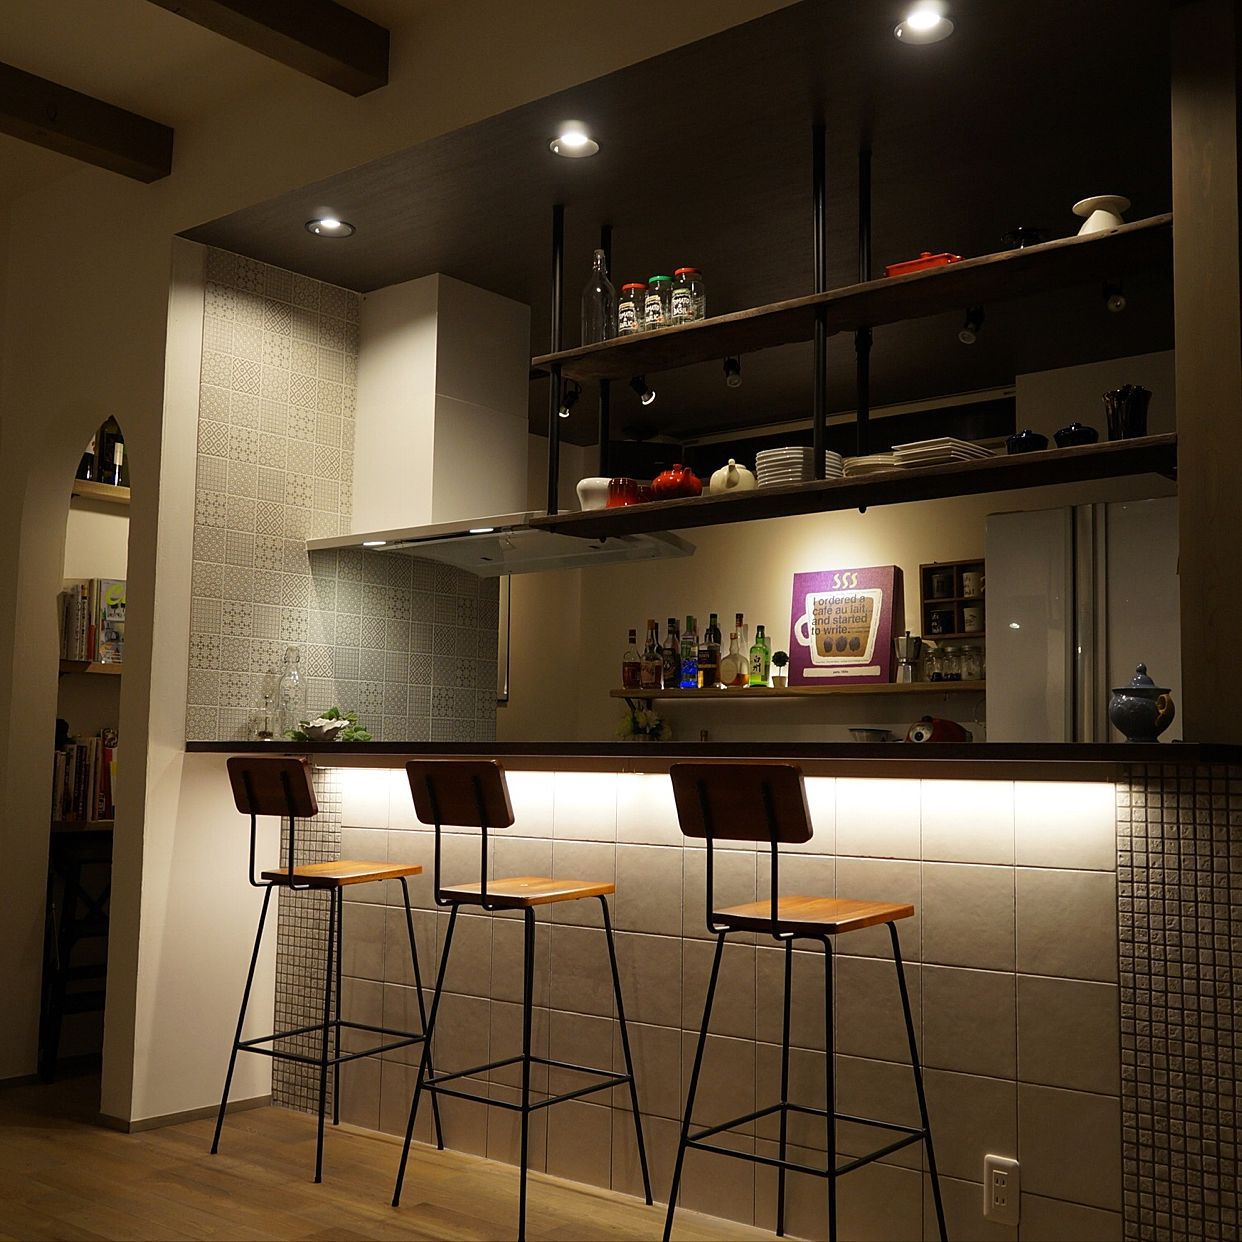 キッチン タイルキッチン 吊り棚 Barカウンター Bar風 などの